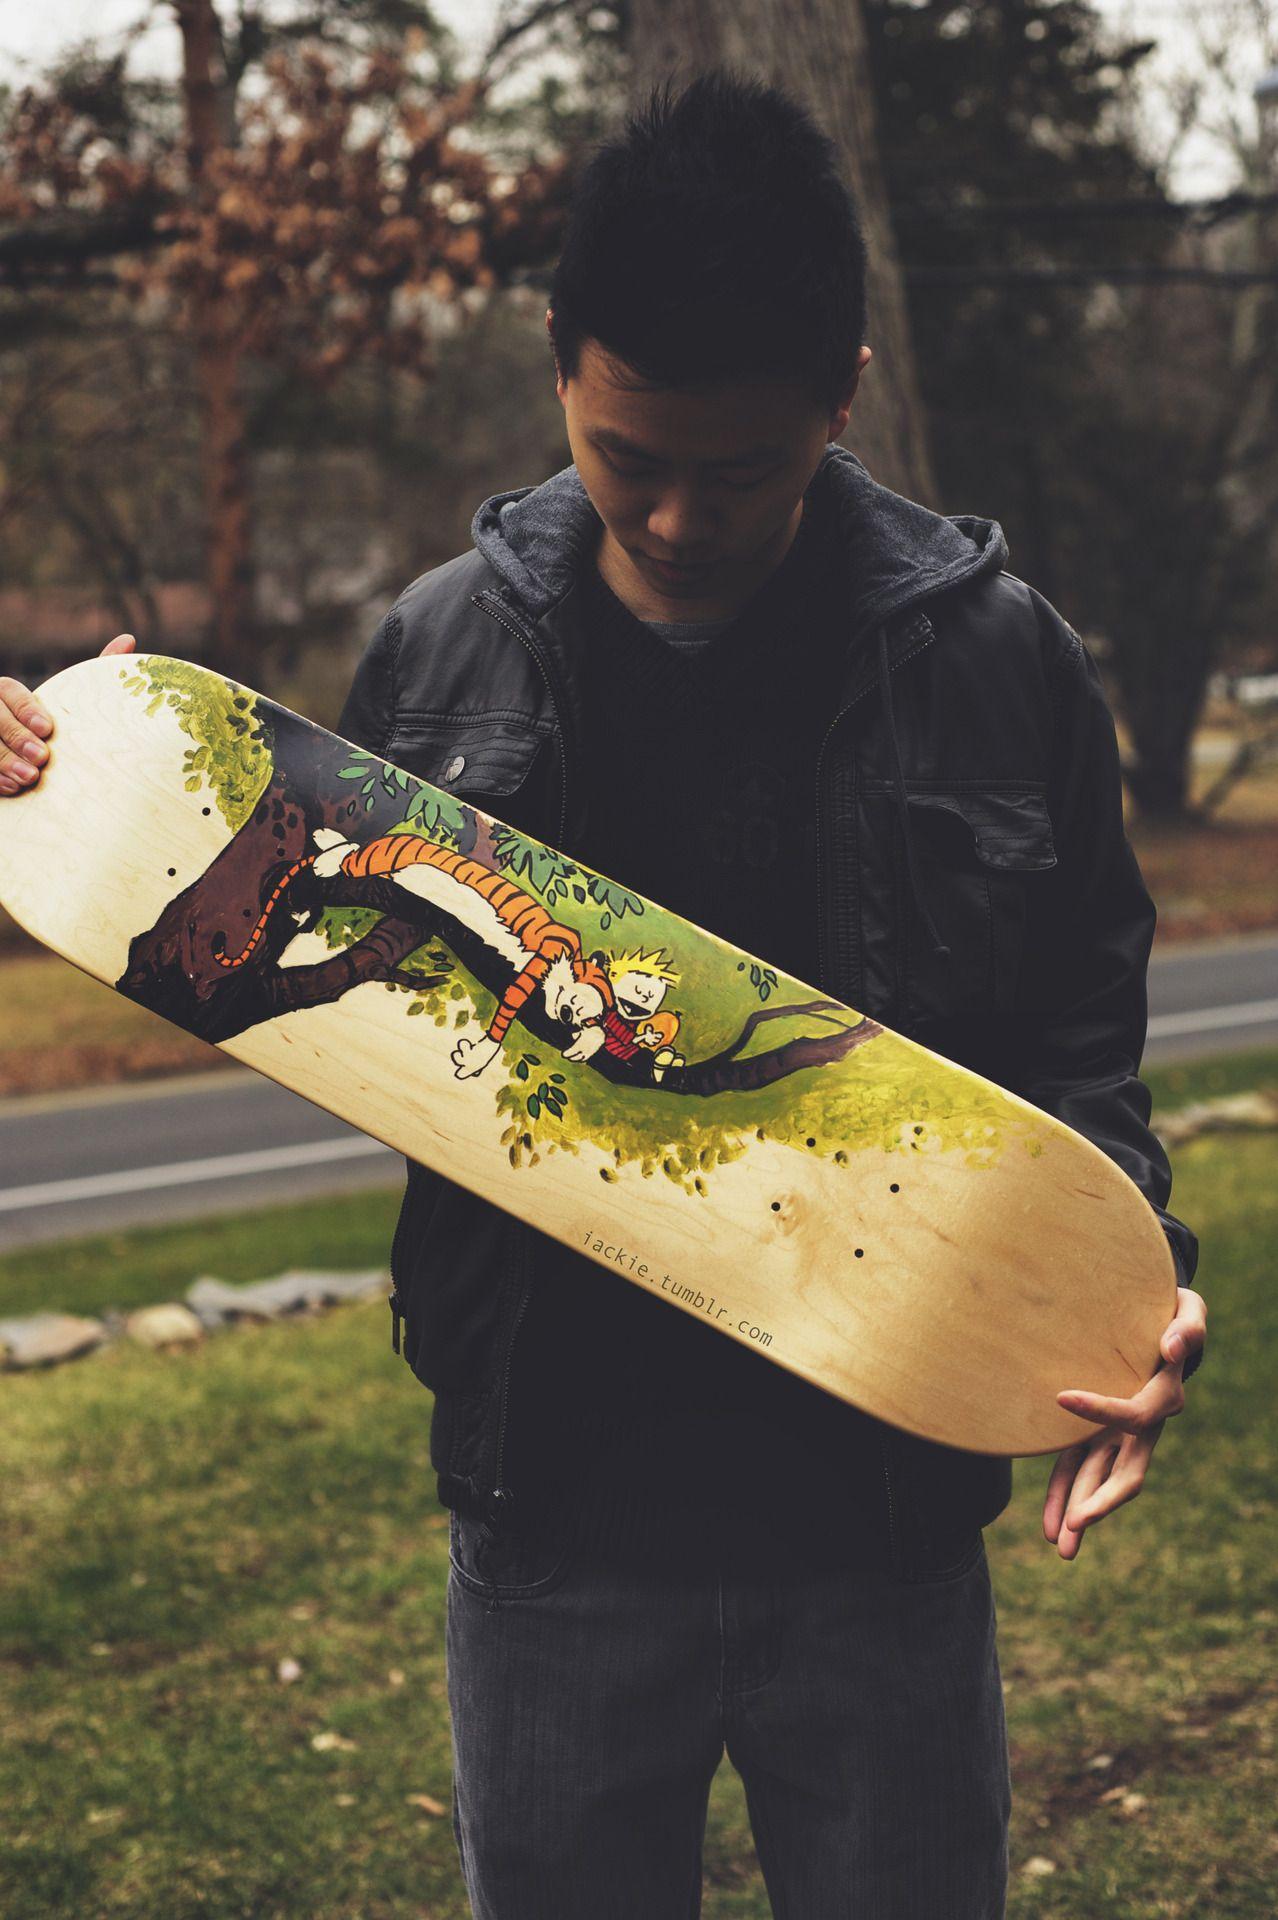 Calvin Hobbes By Jackie Lee Fun Skateboard Art With Images Skateboard Art Skateboard Deck Art Skateboard Design